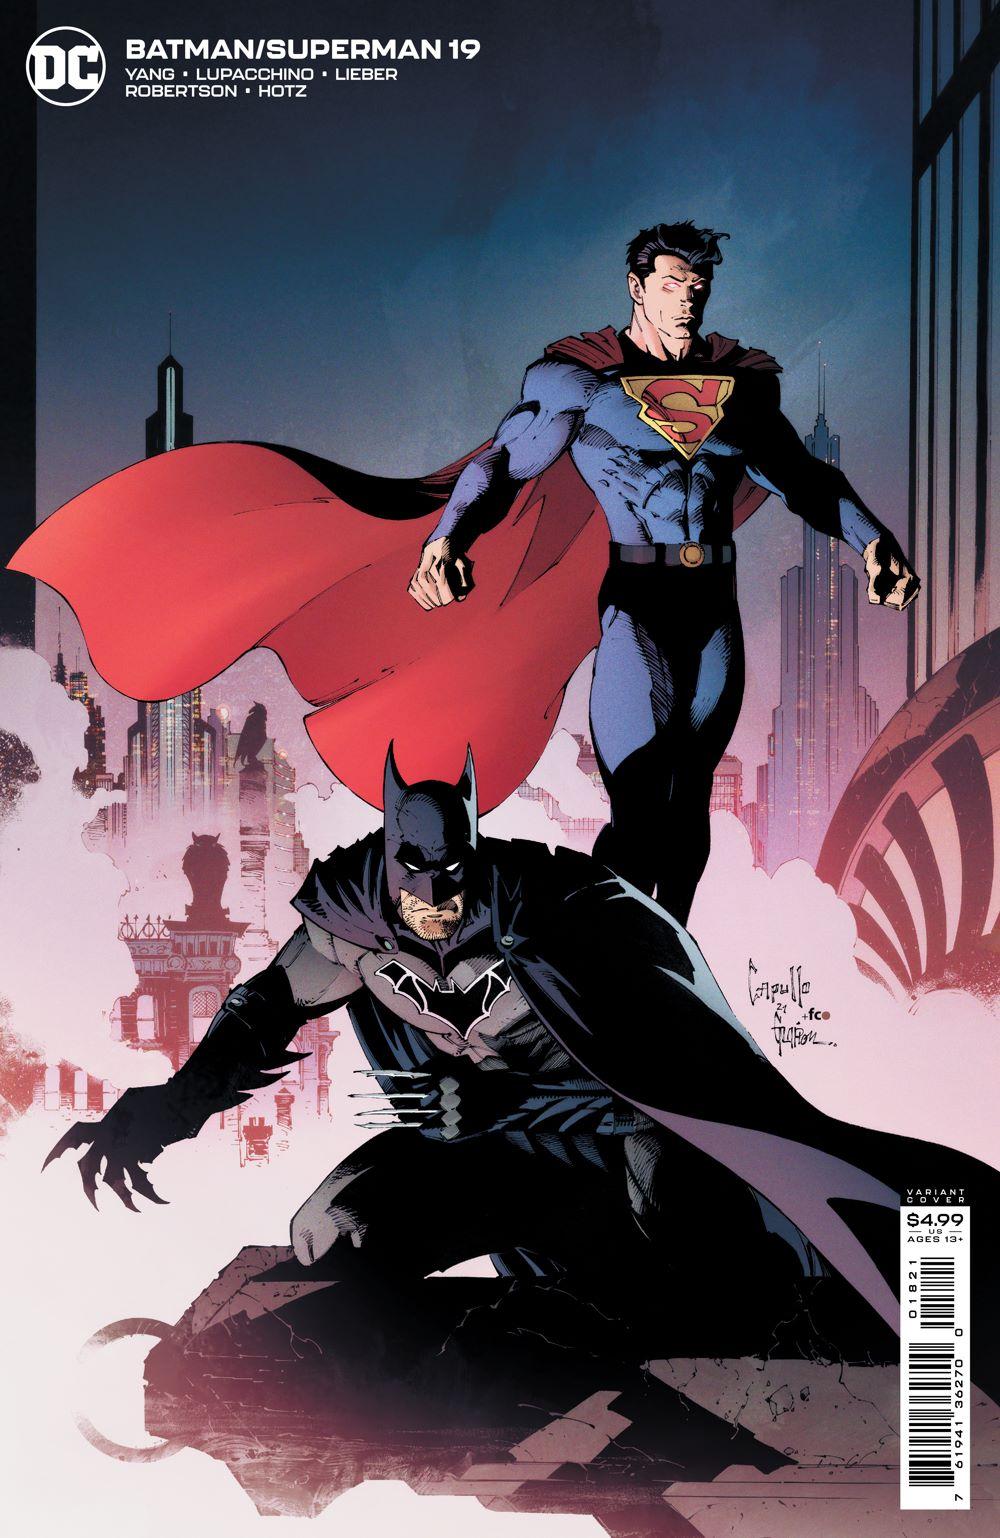 BMSM_Cv19_var DC Comics June 2021 Solicitations